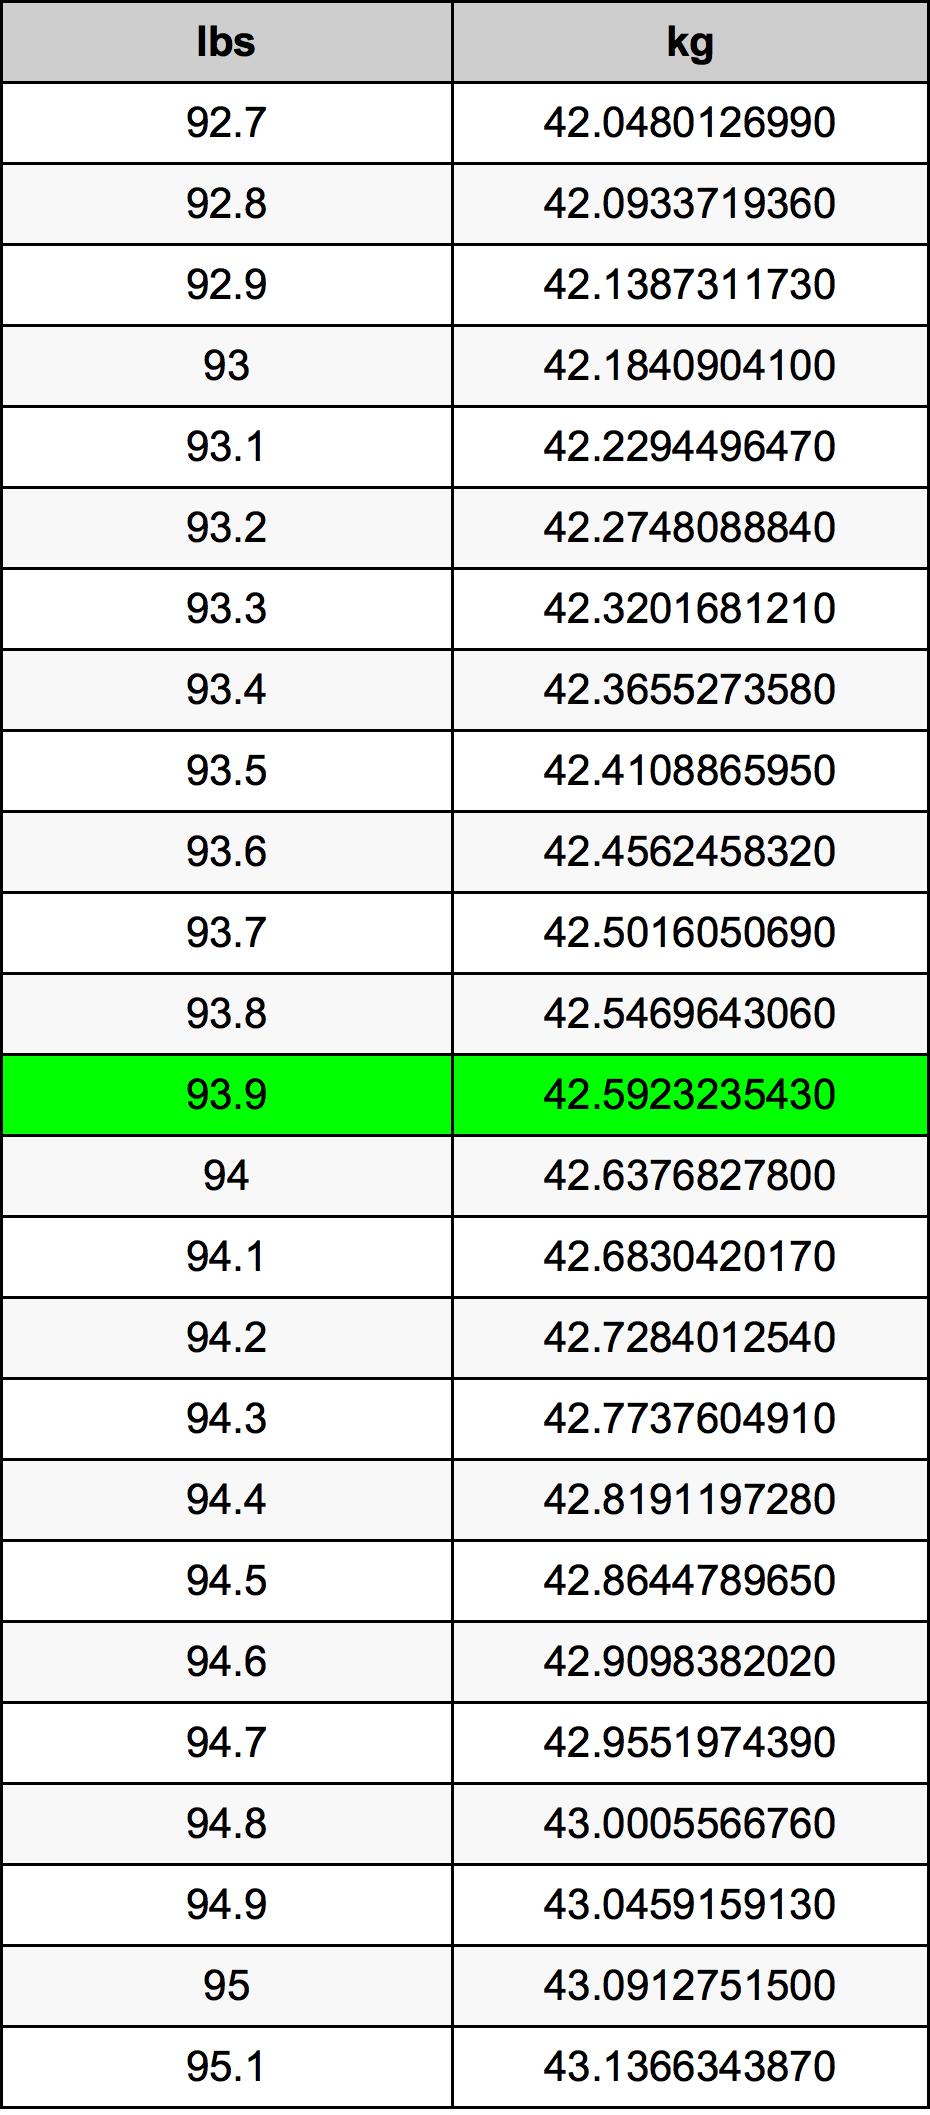 93.9 Lliura Taula de conversió